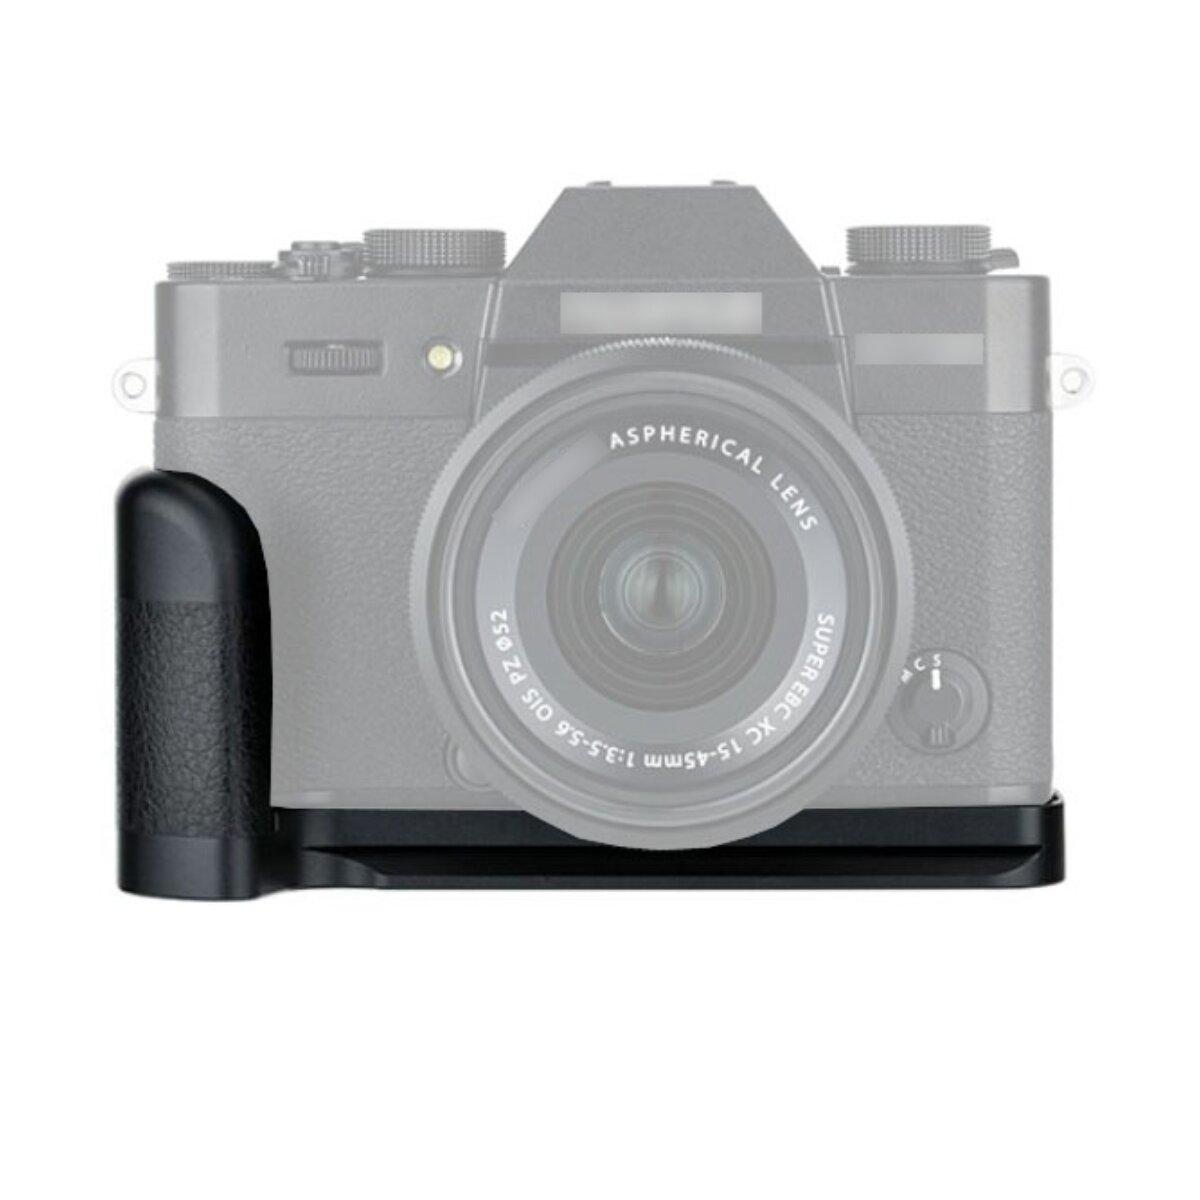 JJC Handgriff Kameragriff Kompatibel mit Fujifilm X-T30, X-T20, X-T10, Verbesserte Handhabung ausreichende Auflagefläche, Arca Swiss kompatibel mit Stativgewinde, Schneller Zugriff auf Batteriefach - HG-XT30